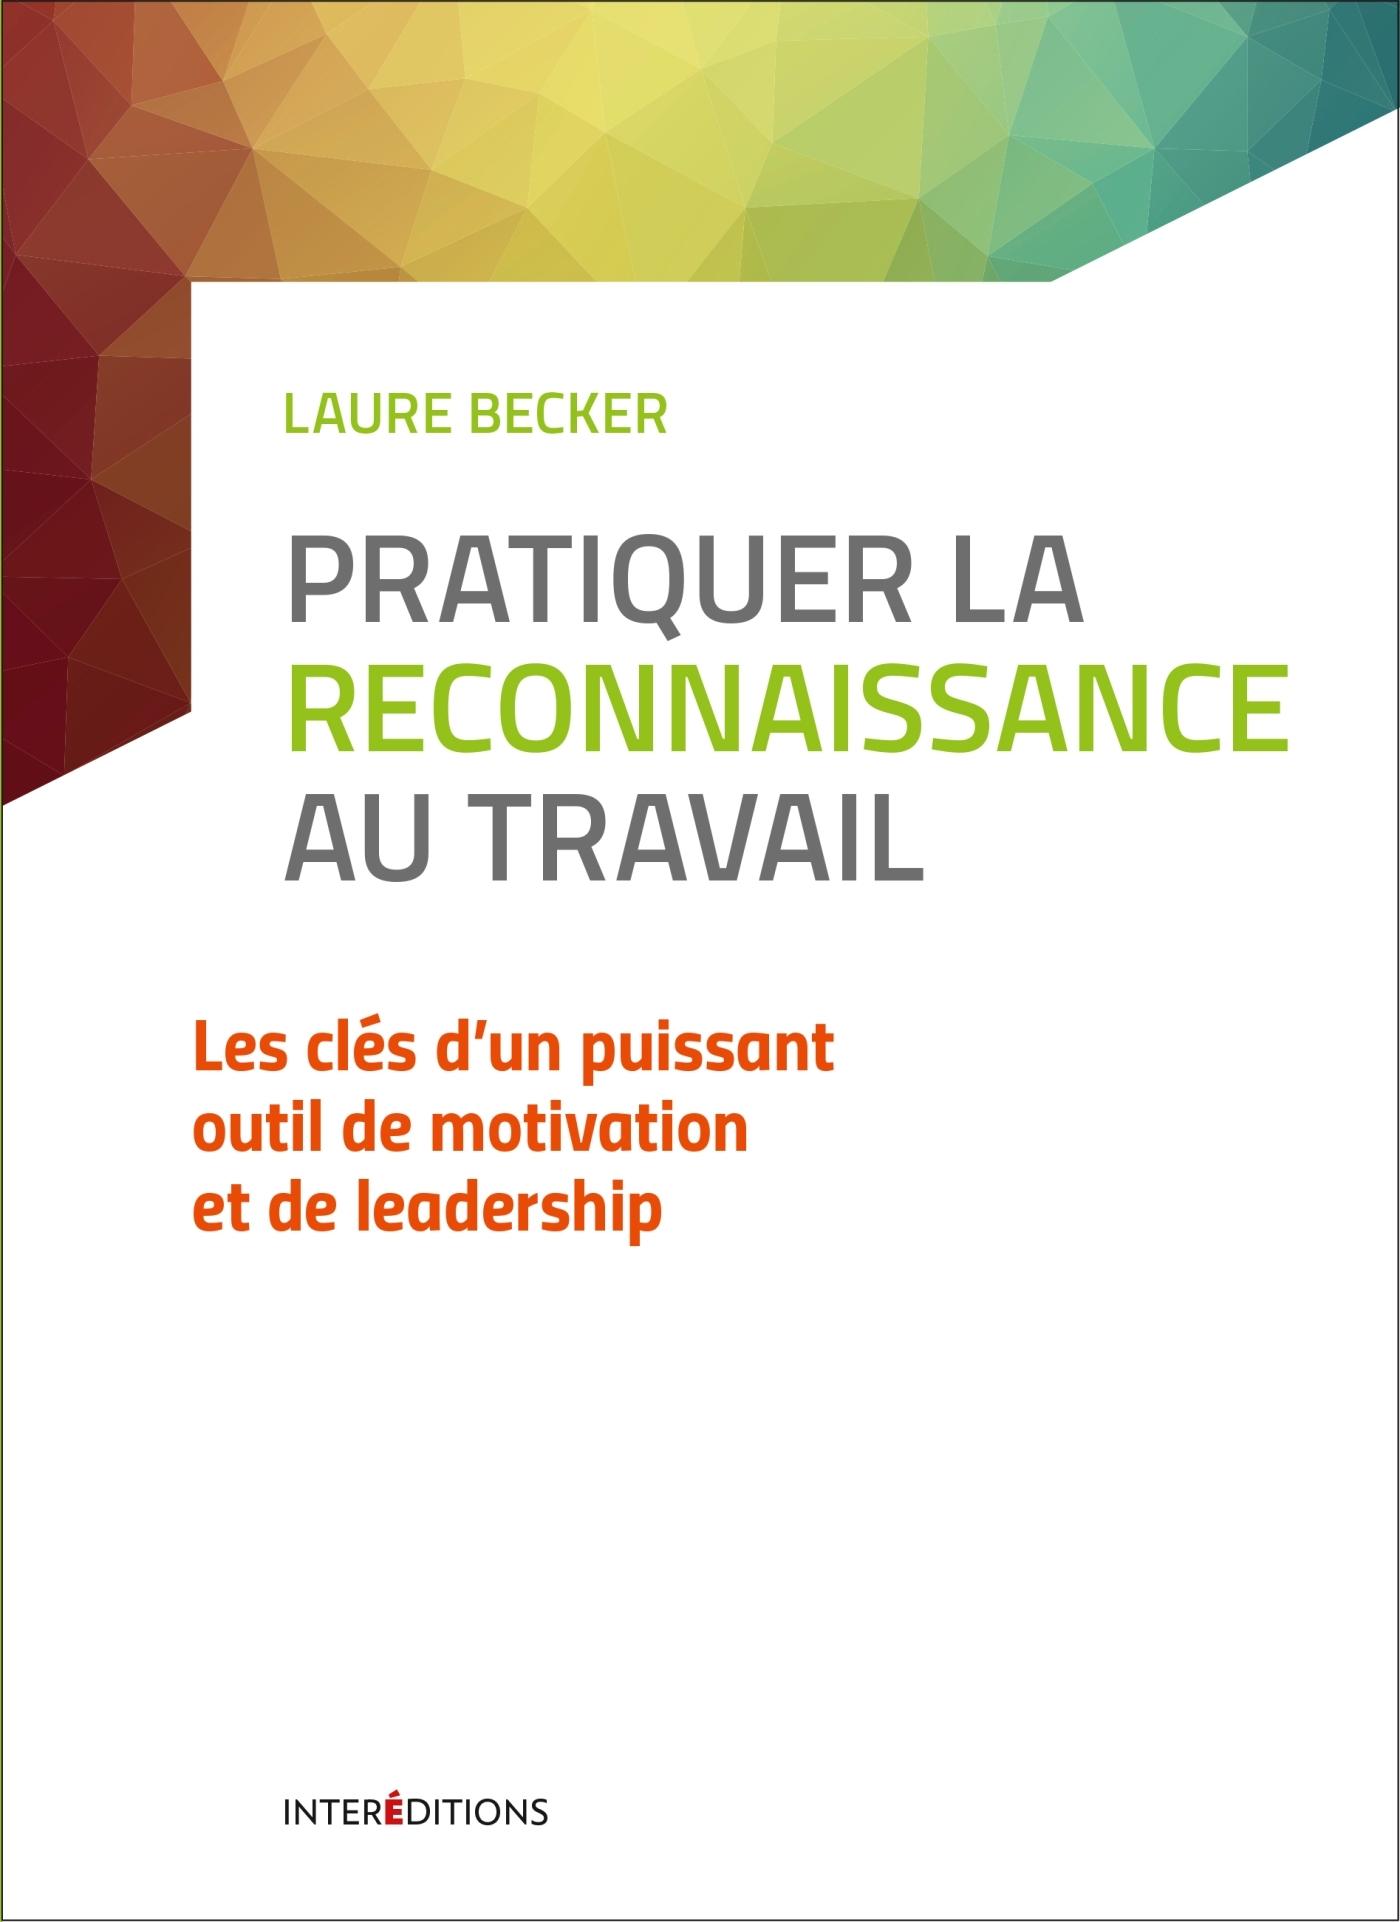 PRATIQUER LA RECONNAISSANCE AU TRAVAIL - LES CLES D'UN PUISSANT OUTIL DE MOTIVATION ET DE LEADERSHIP